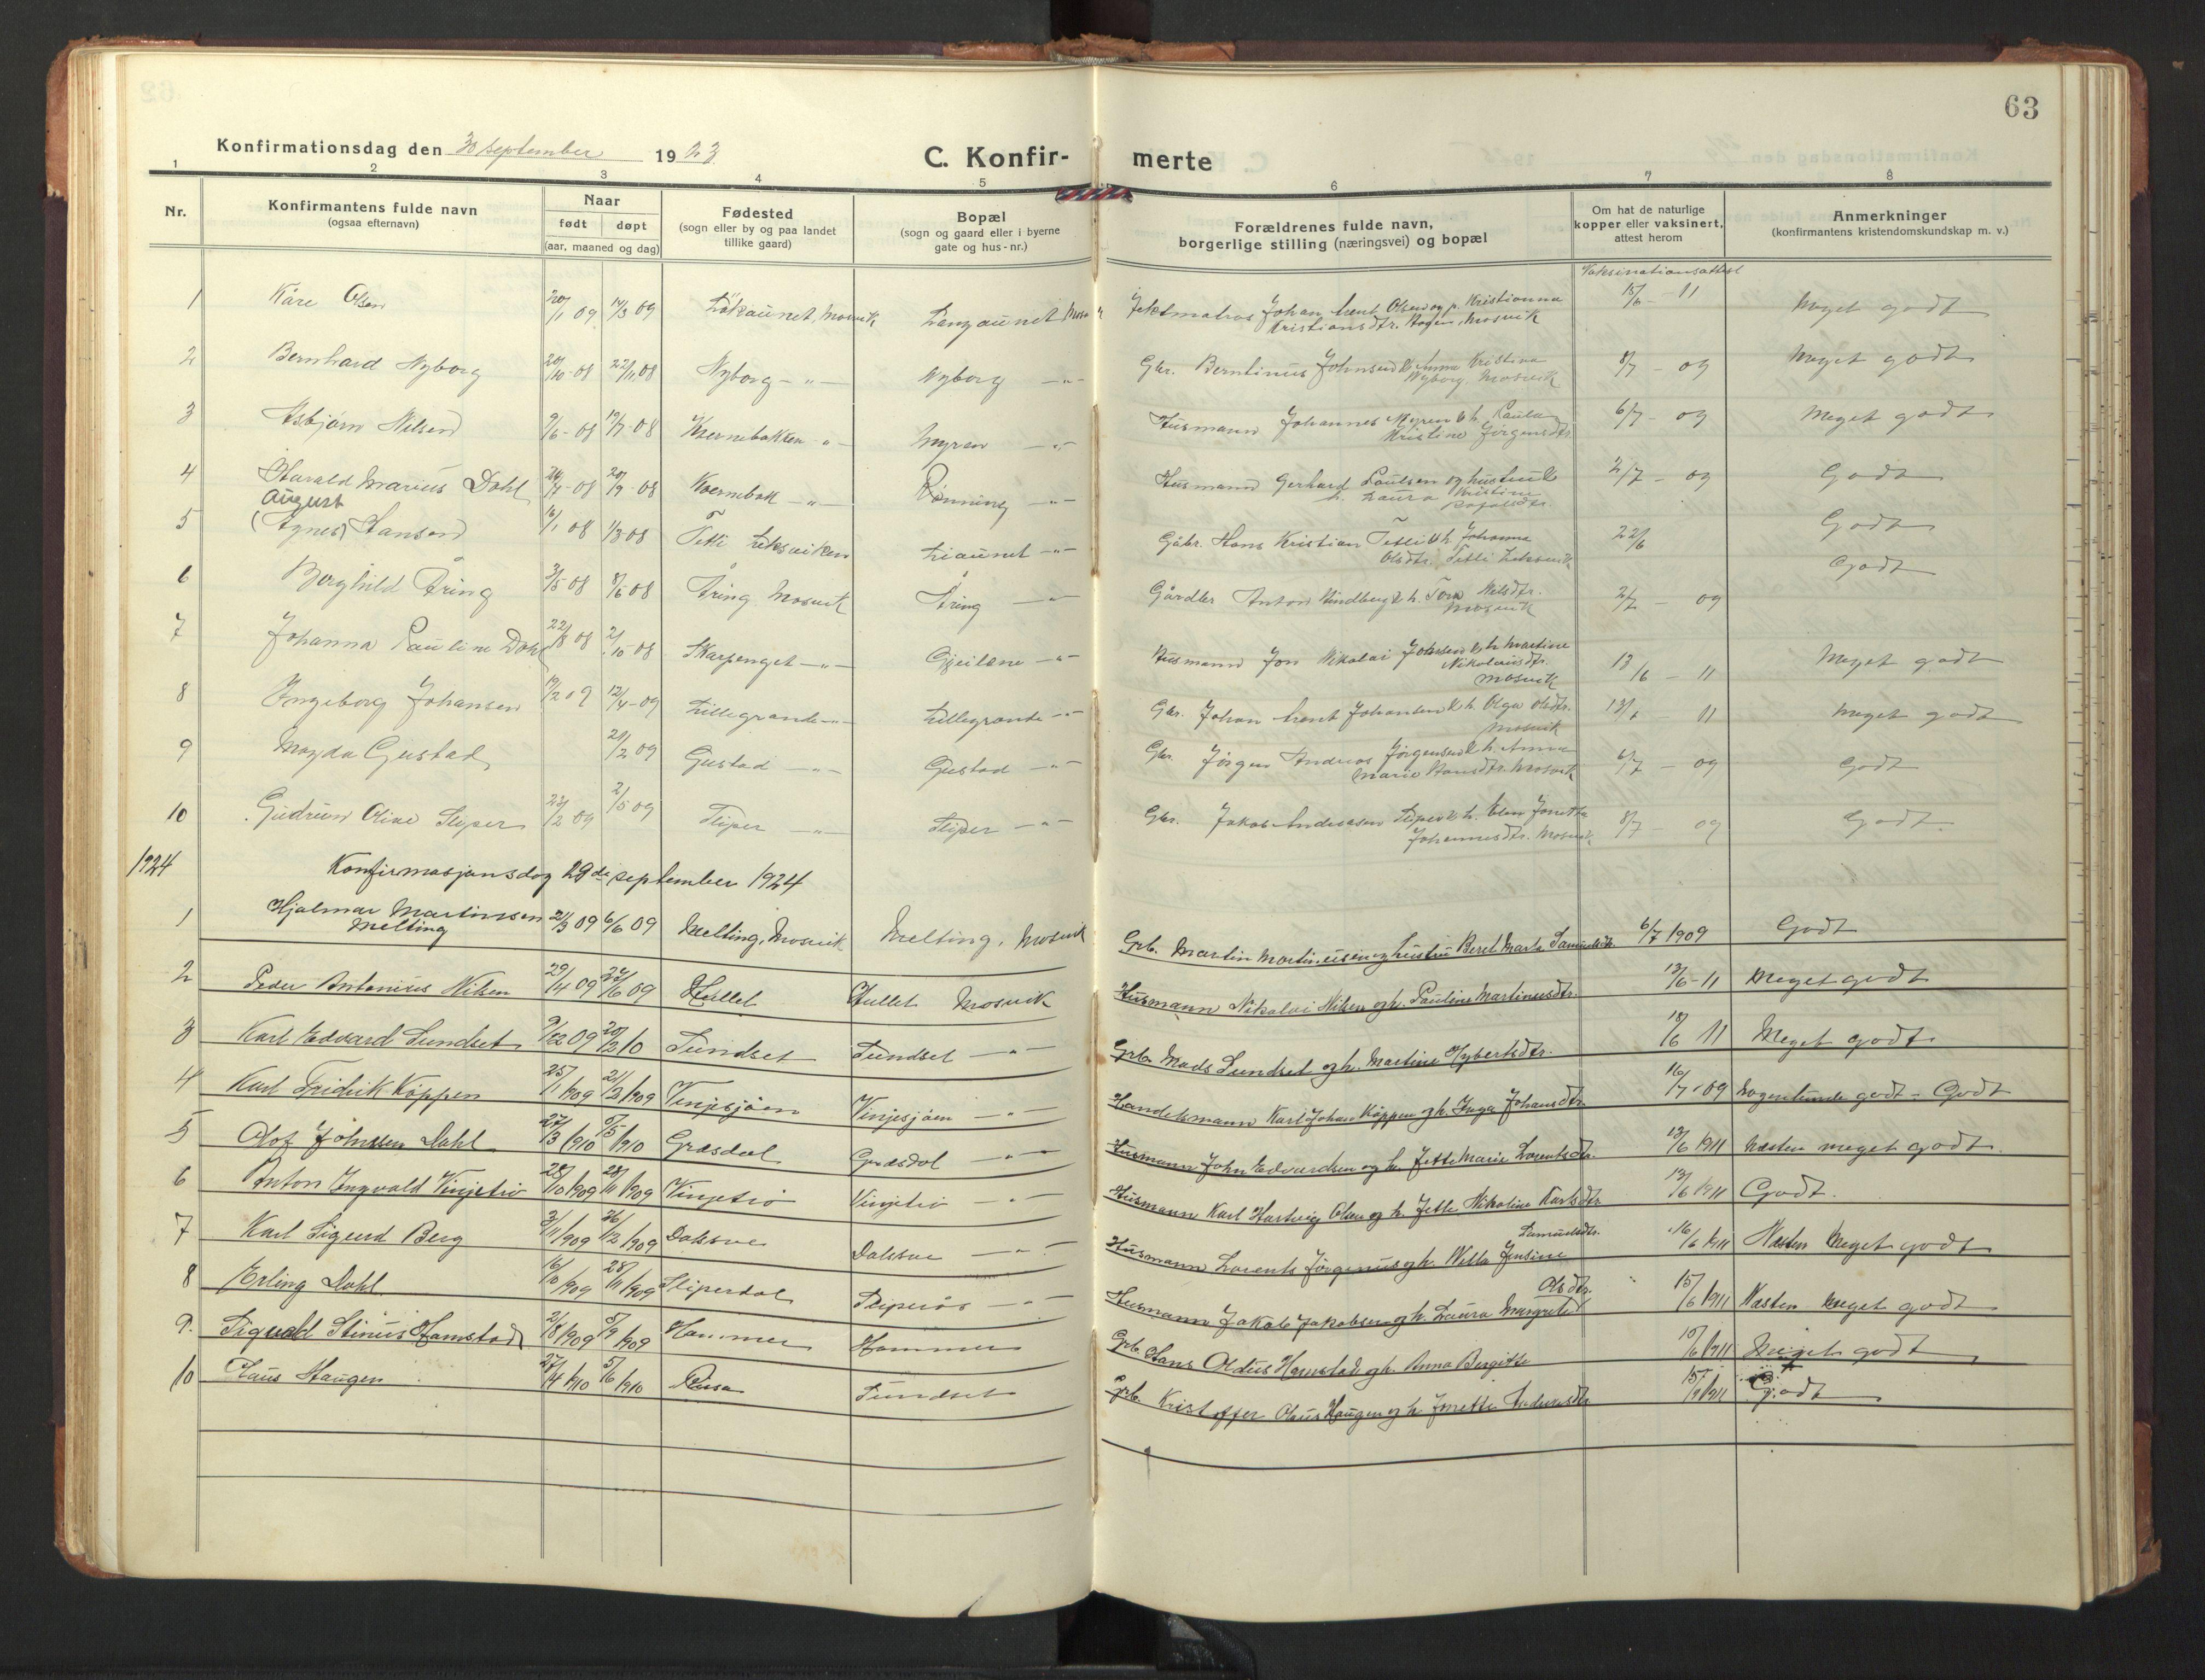 SAT, Ministerialprotokoller, klokkerbøker og fødselsregistre - Nord-Trøndelag, 733/L0328: Klokkerbok nr. 733C03, 1919-1966, s. 63